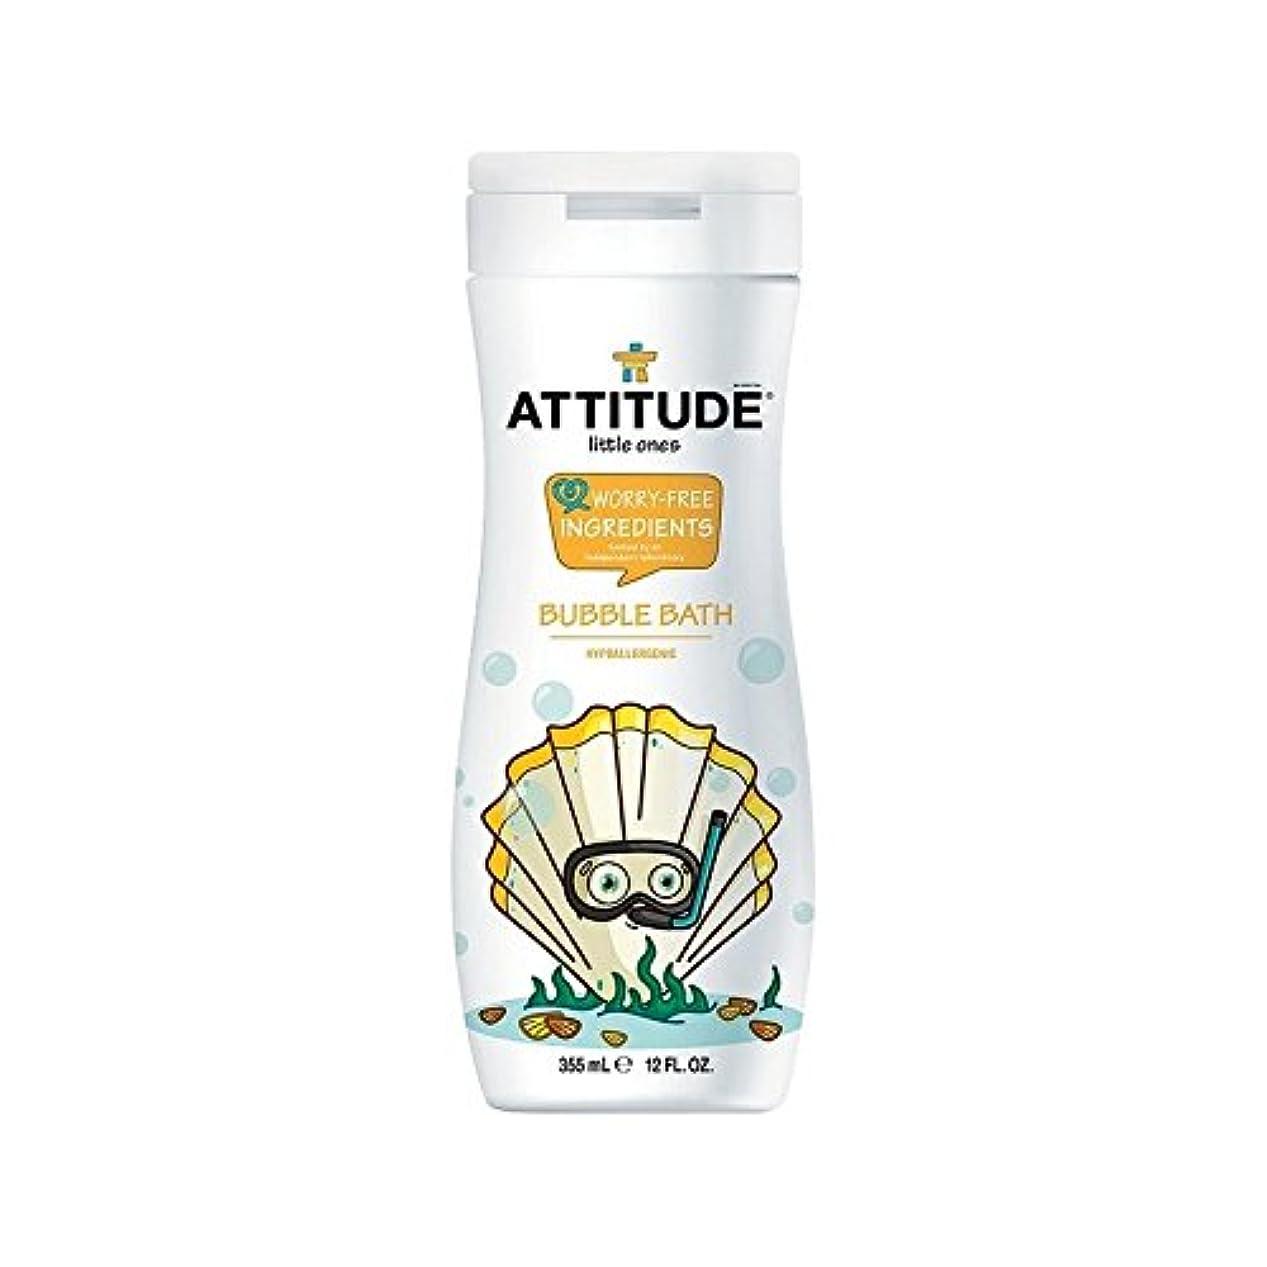 ハブブ散文トークンエコキッズ低刺激性の泡風呂の355ミリリットル (Attitude) (x 4) - Attitude Eco Kids Hypoallergenic Bubble Bath 355ml (Pack of 4) [並行輸入品]